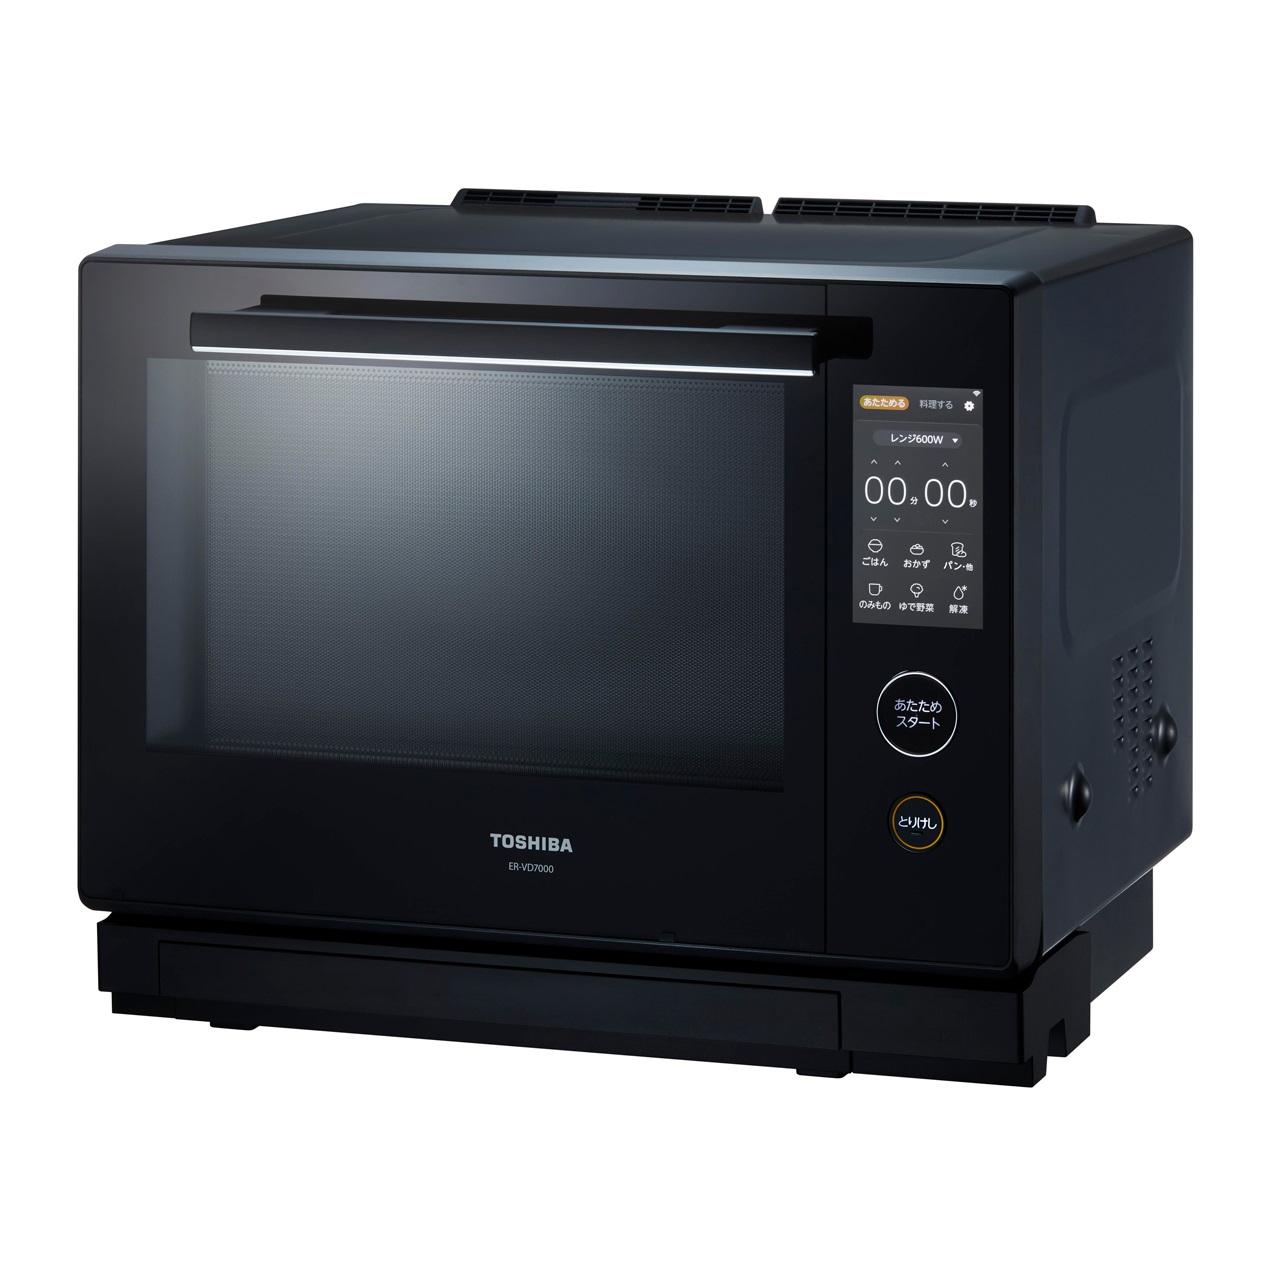 東芝 石窯ドームER-VD7000過熱水蒸気オーブンレンジ